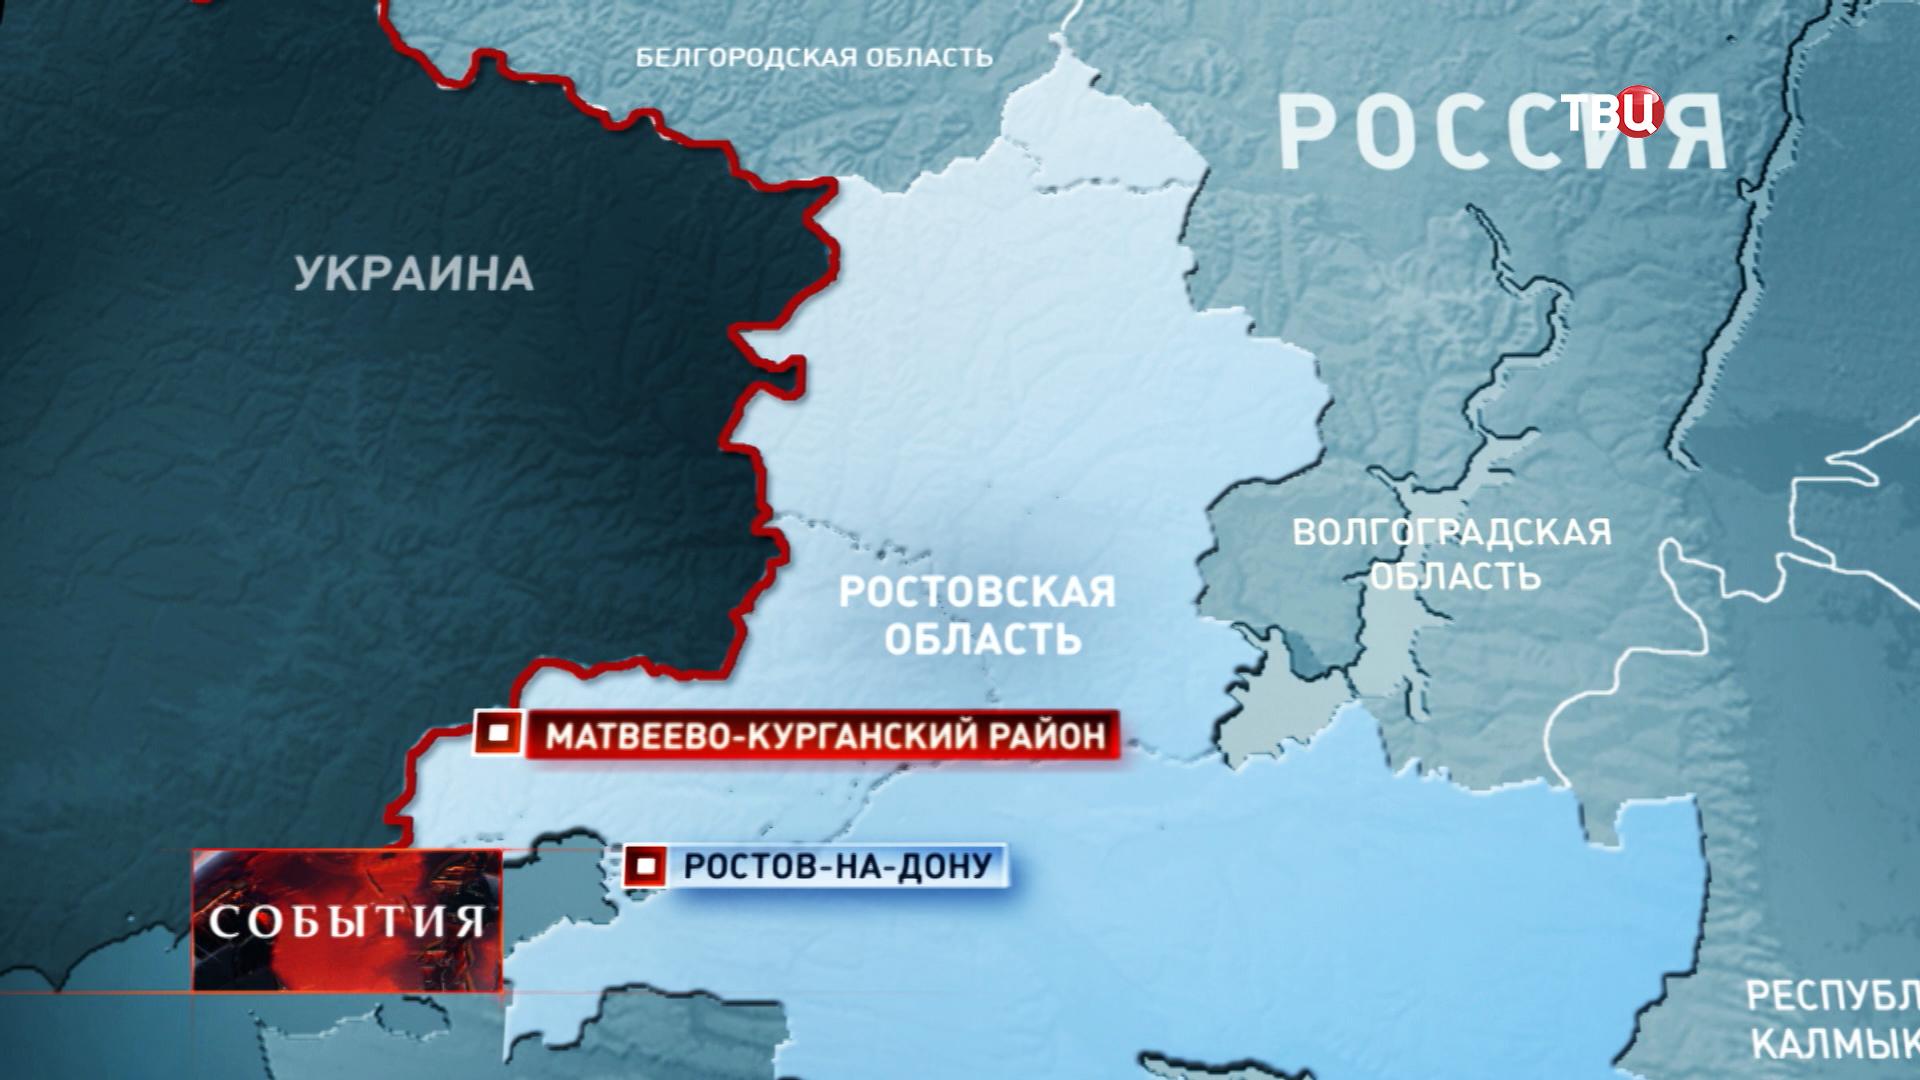 Матвеево-Курганский район Ростовской области, где обнаружили восемь неразорвавшихся танковых снарядов